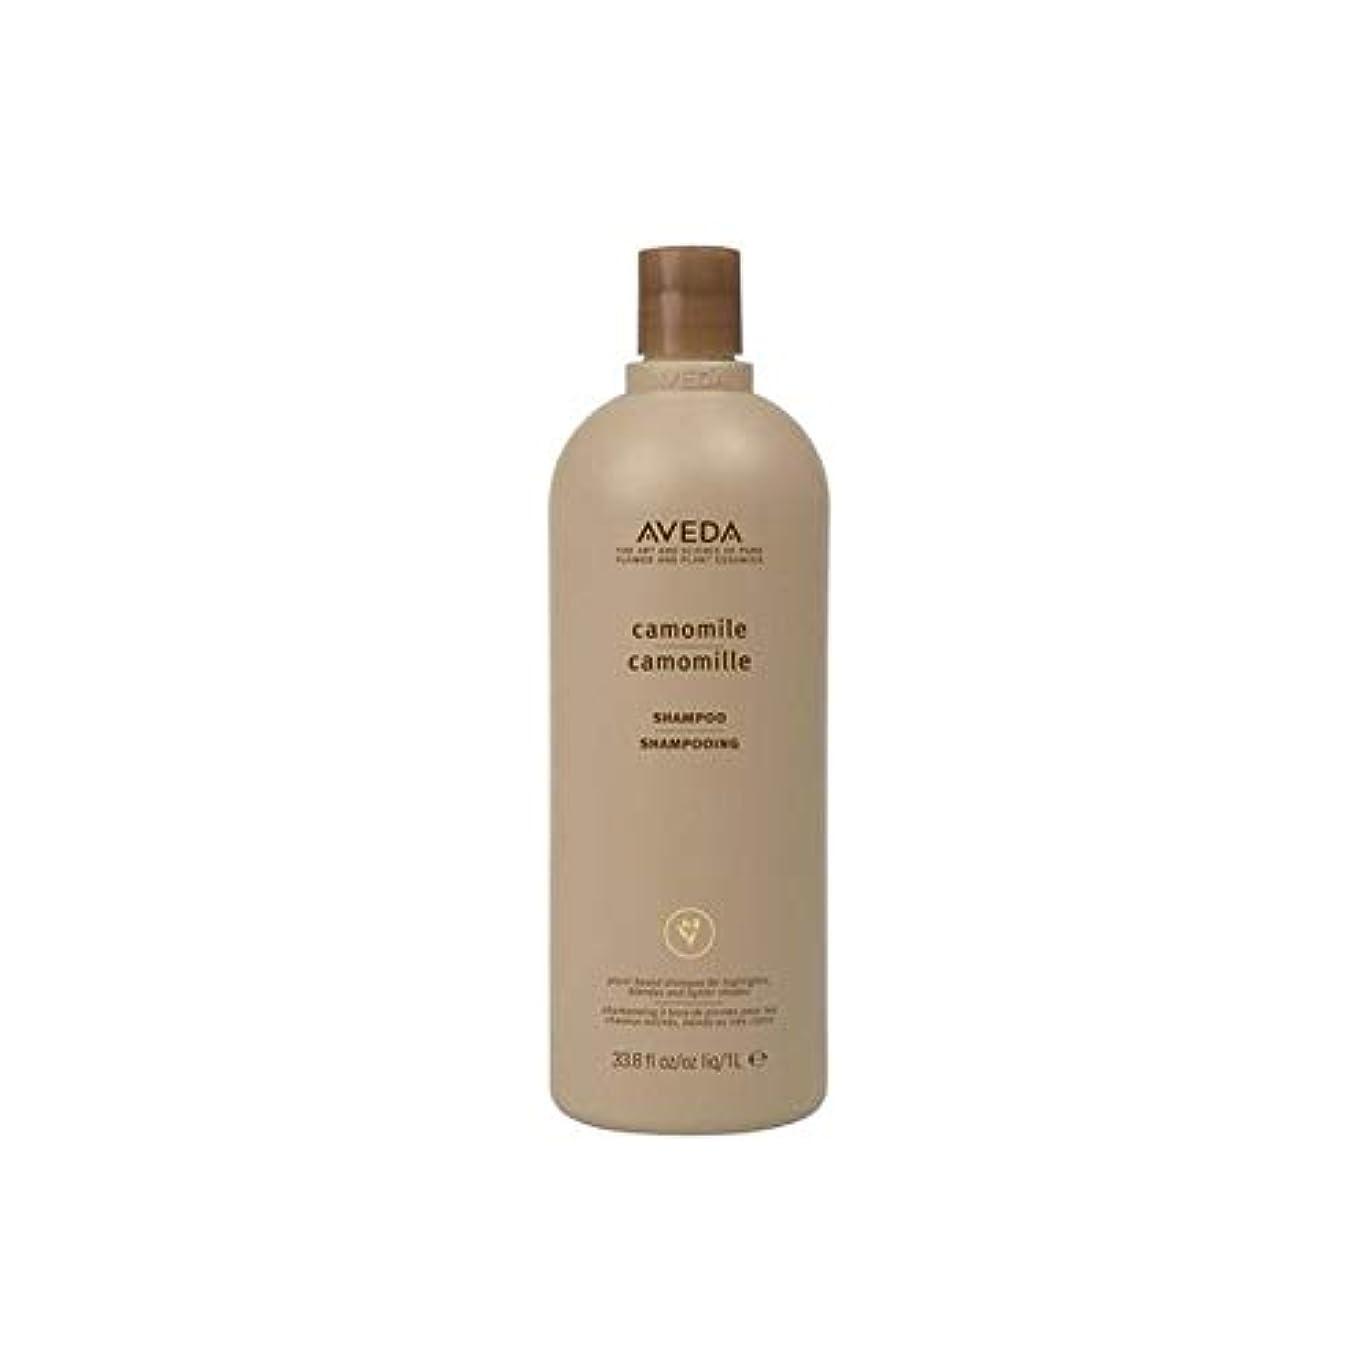 責任者スチュワード偏見[Aveda] アヴェダ純粋な植物カミツレシャンプー(千ミリリットル) - Aveda Pure Plant Camomile Shampoo (1000ml) [並行輸入品]